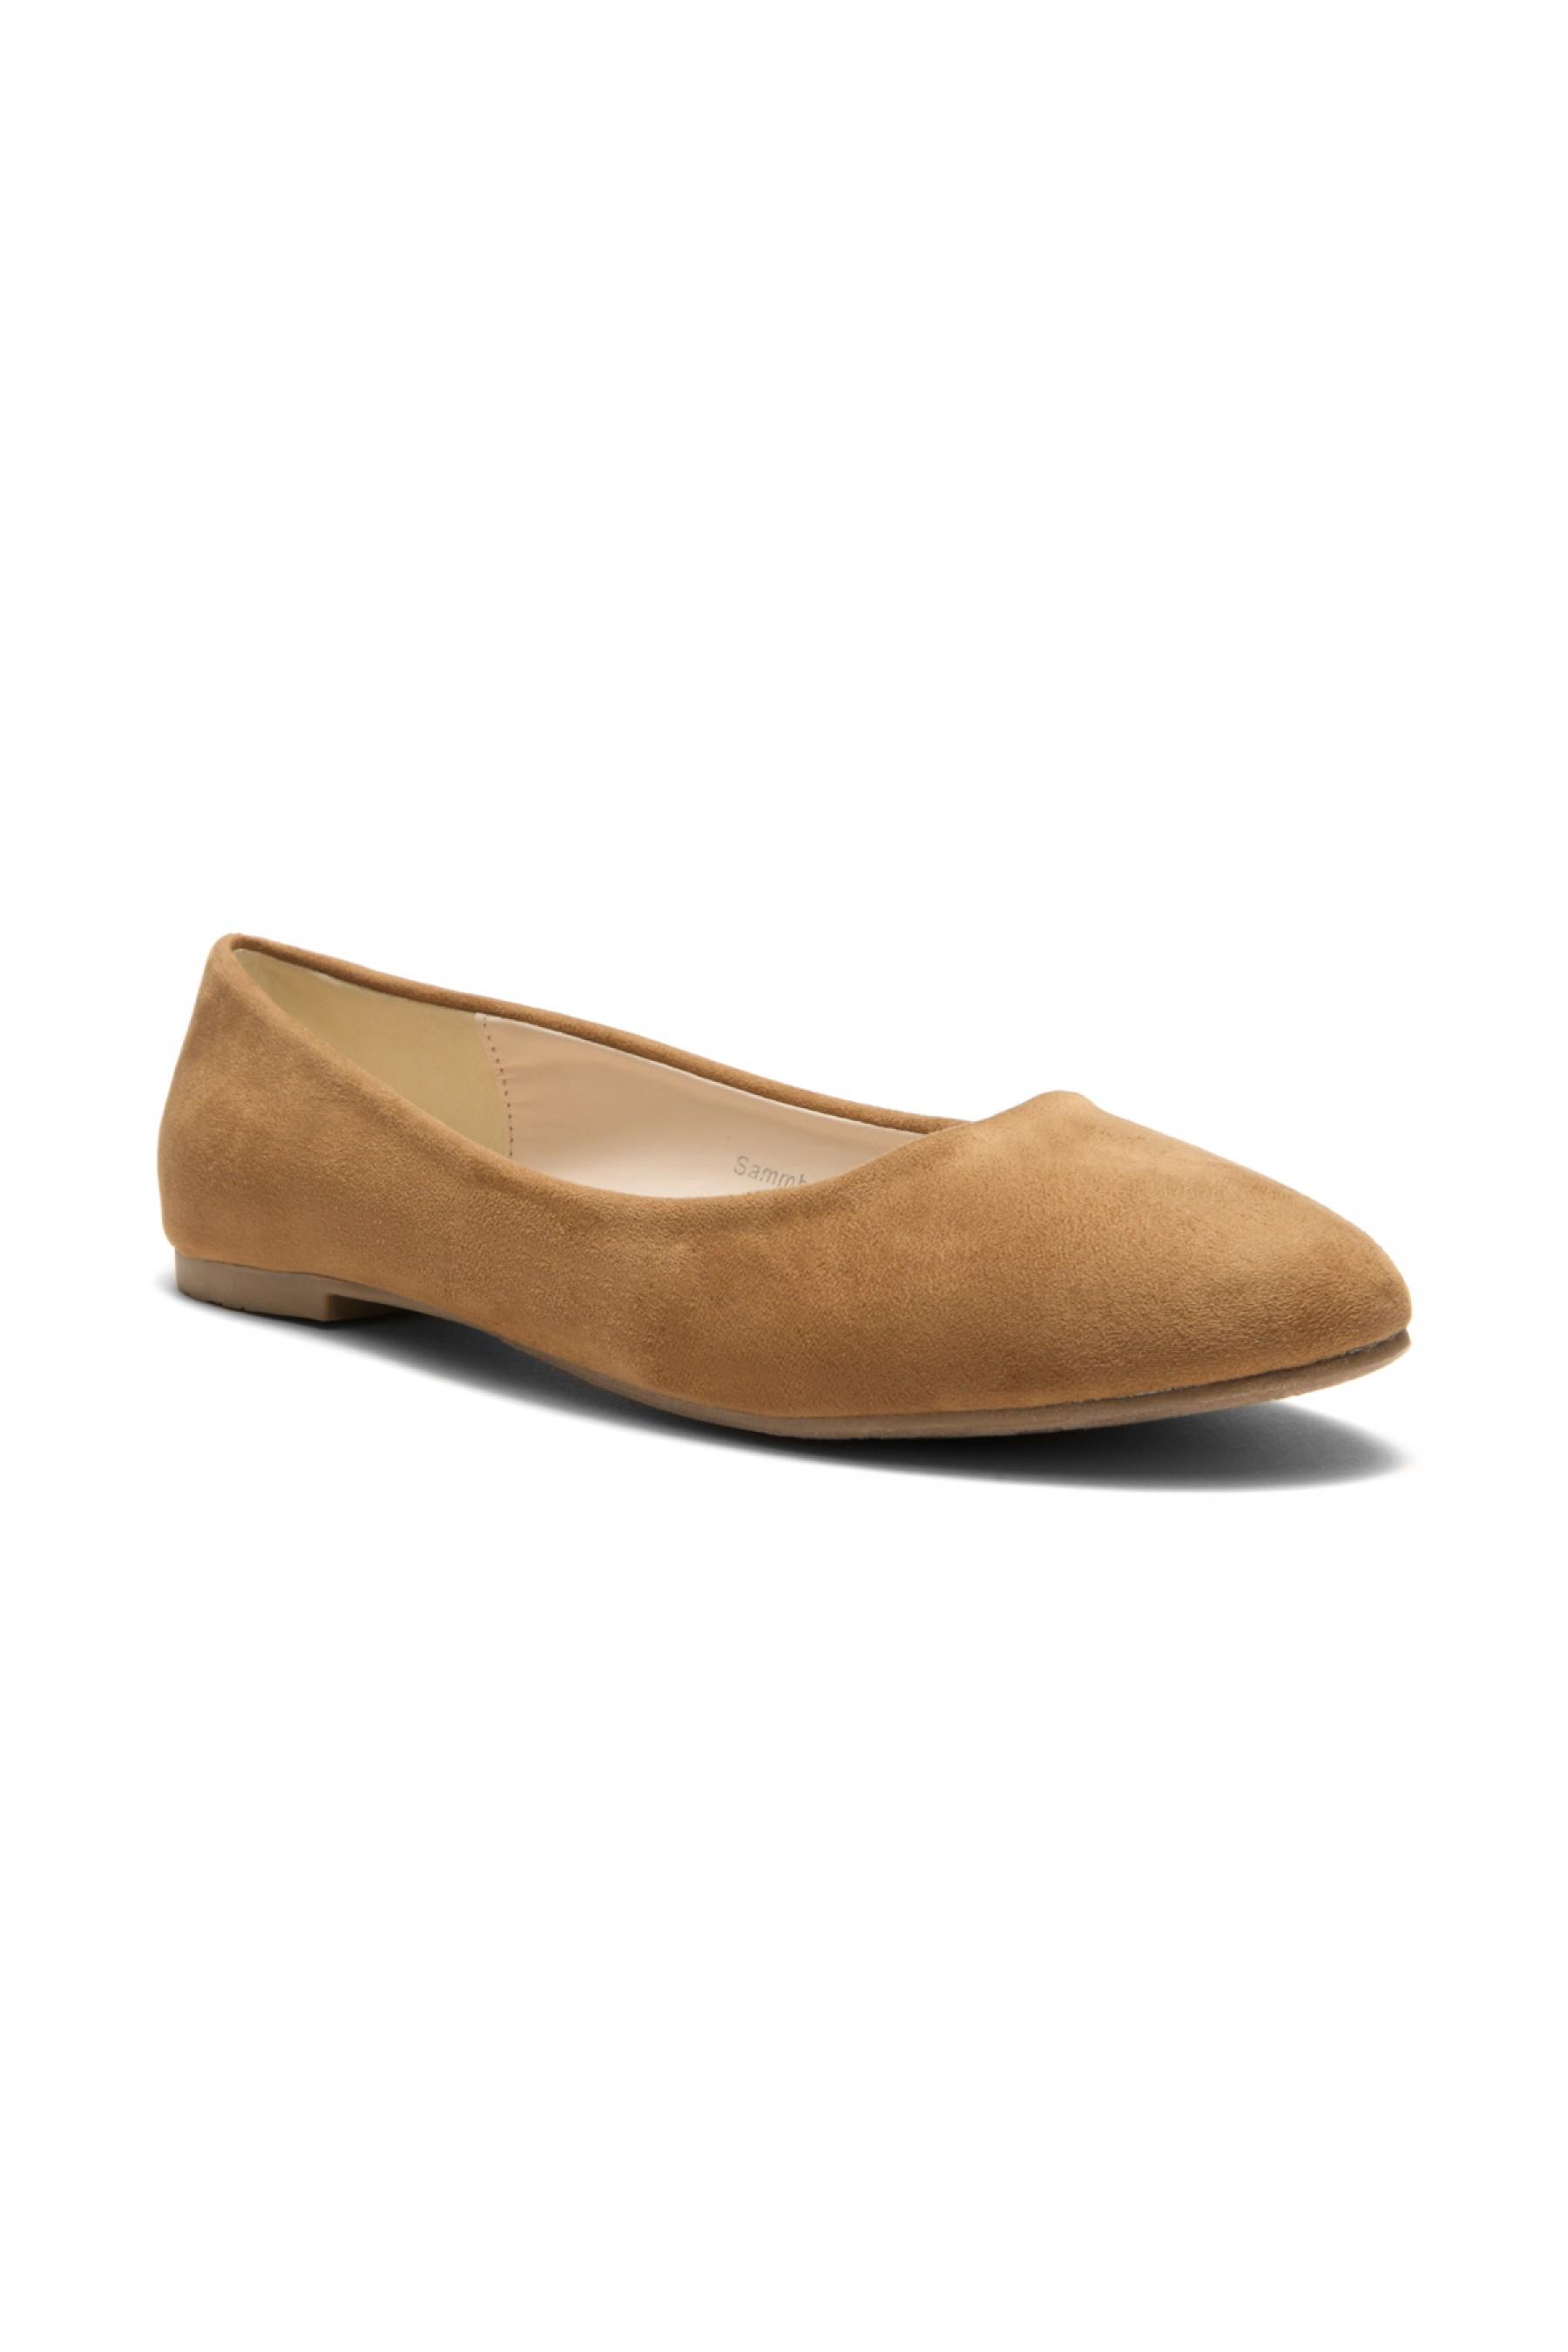 Herstyle Women's Manmade  N-Samma Faux Suede Round Toe Ballet Flat (Cognac)